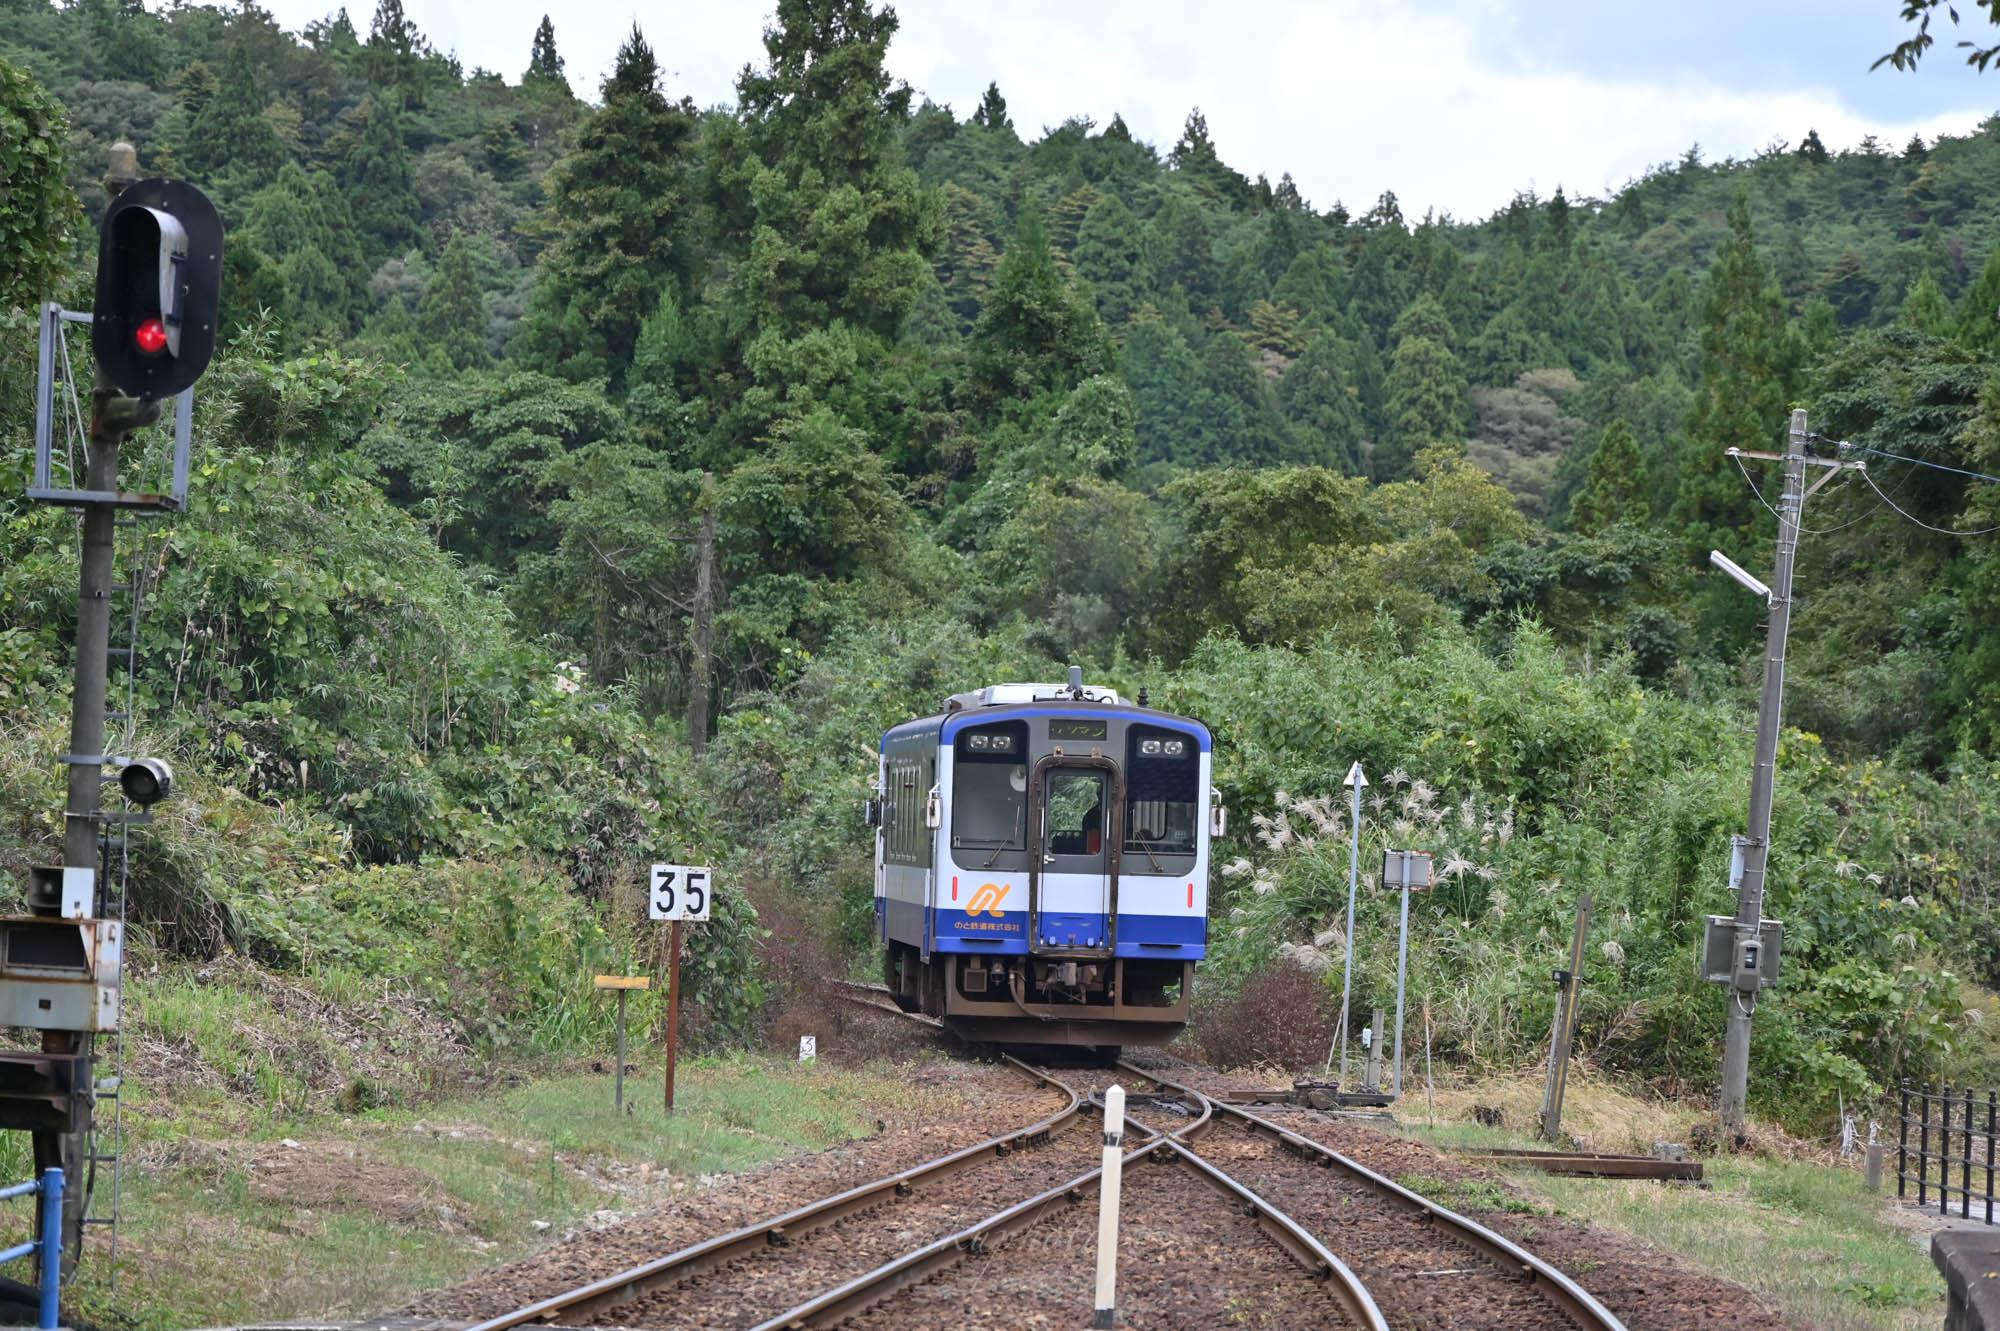 f:id:asanokawa:20211018193412j:plain